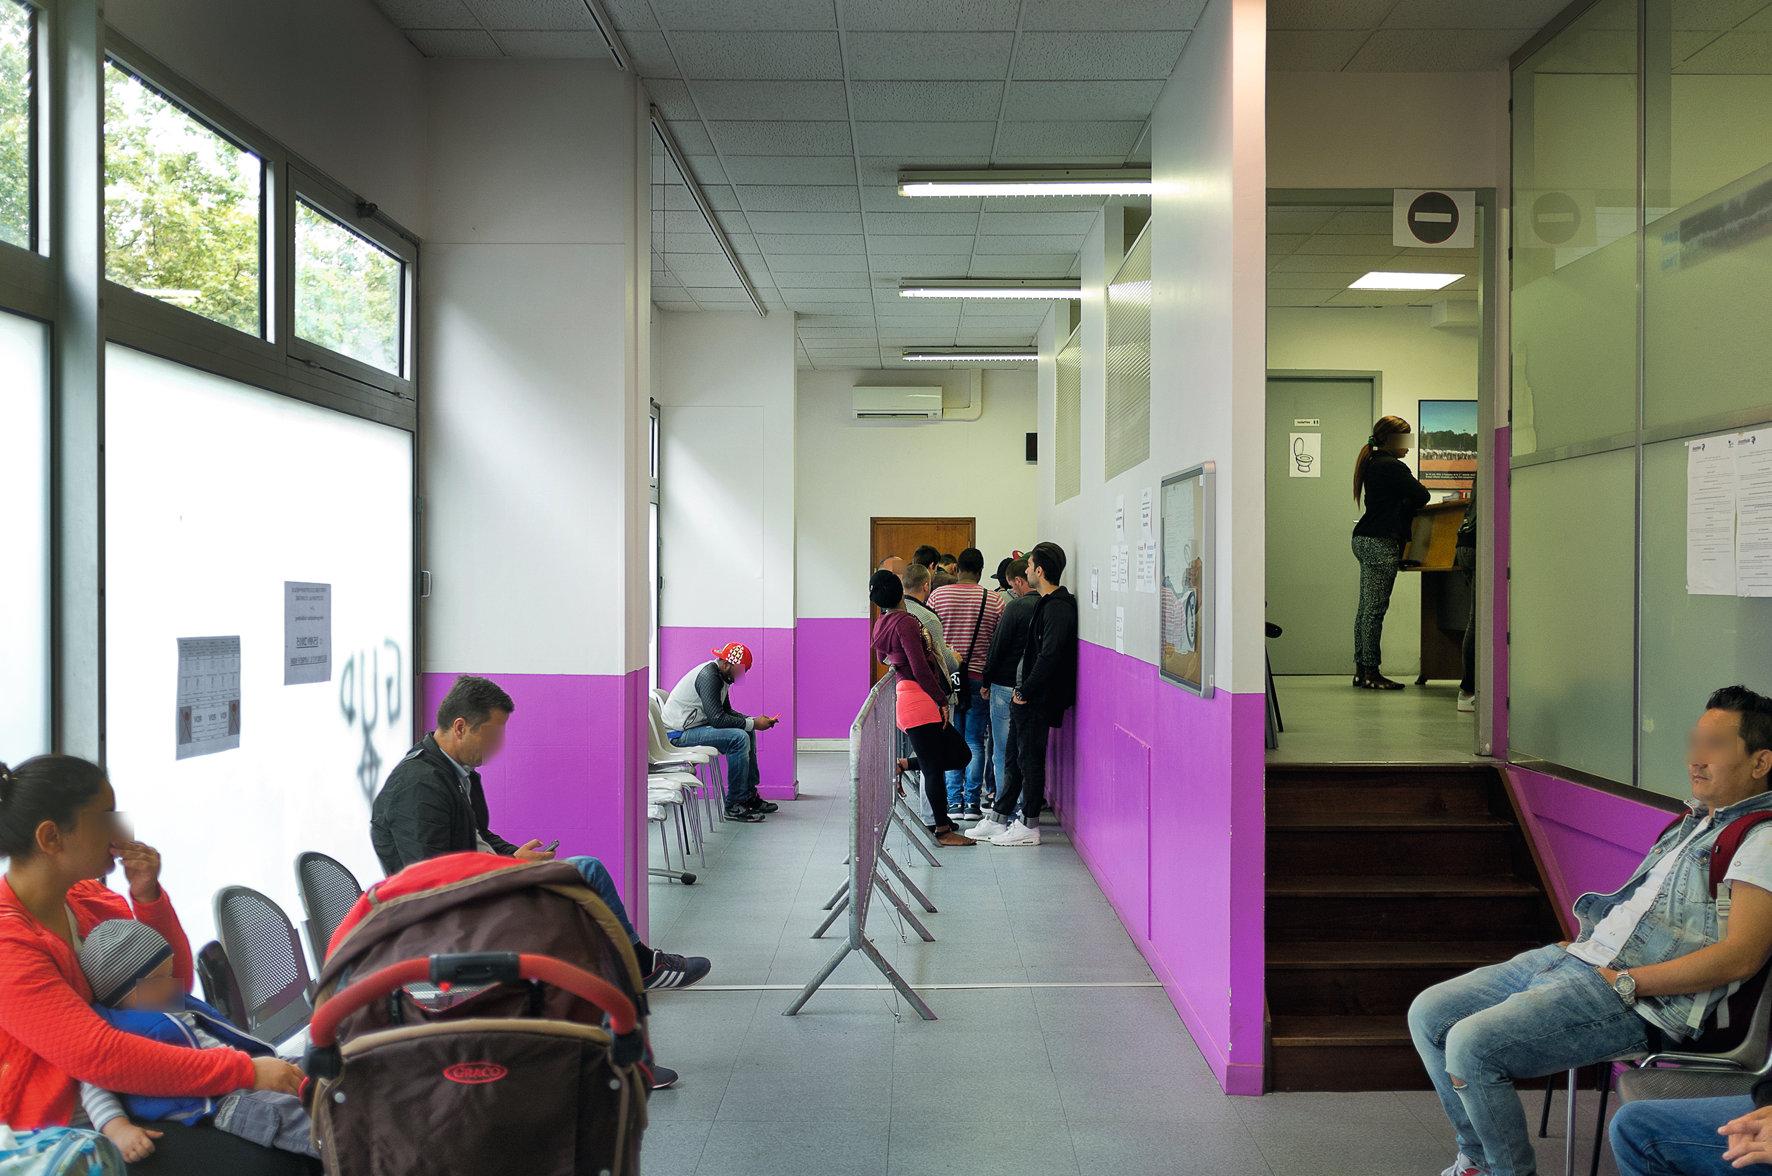 Pour 70% des Français, l'immigration est plus un fardeau qu'un atout